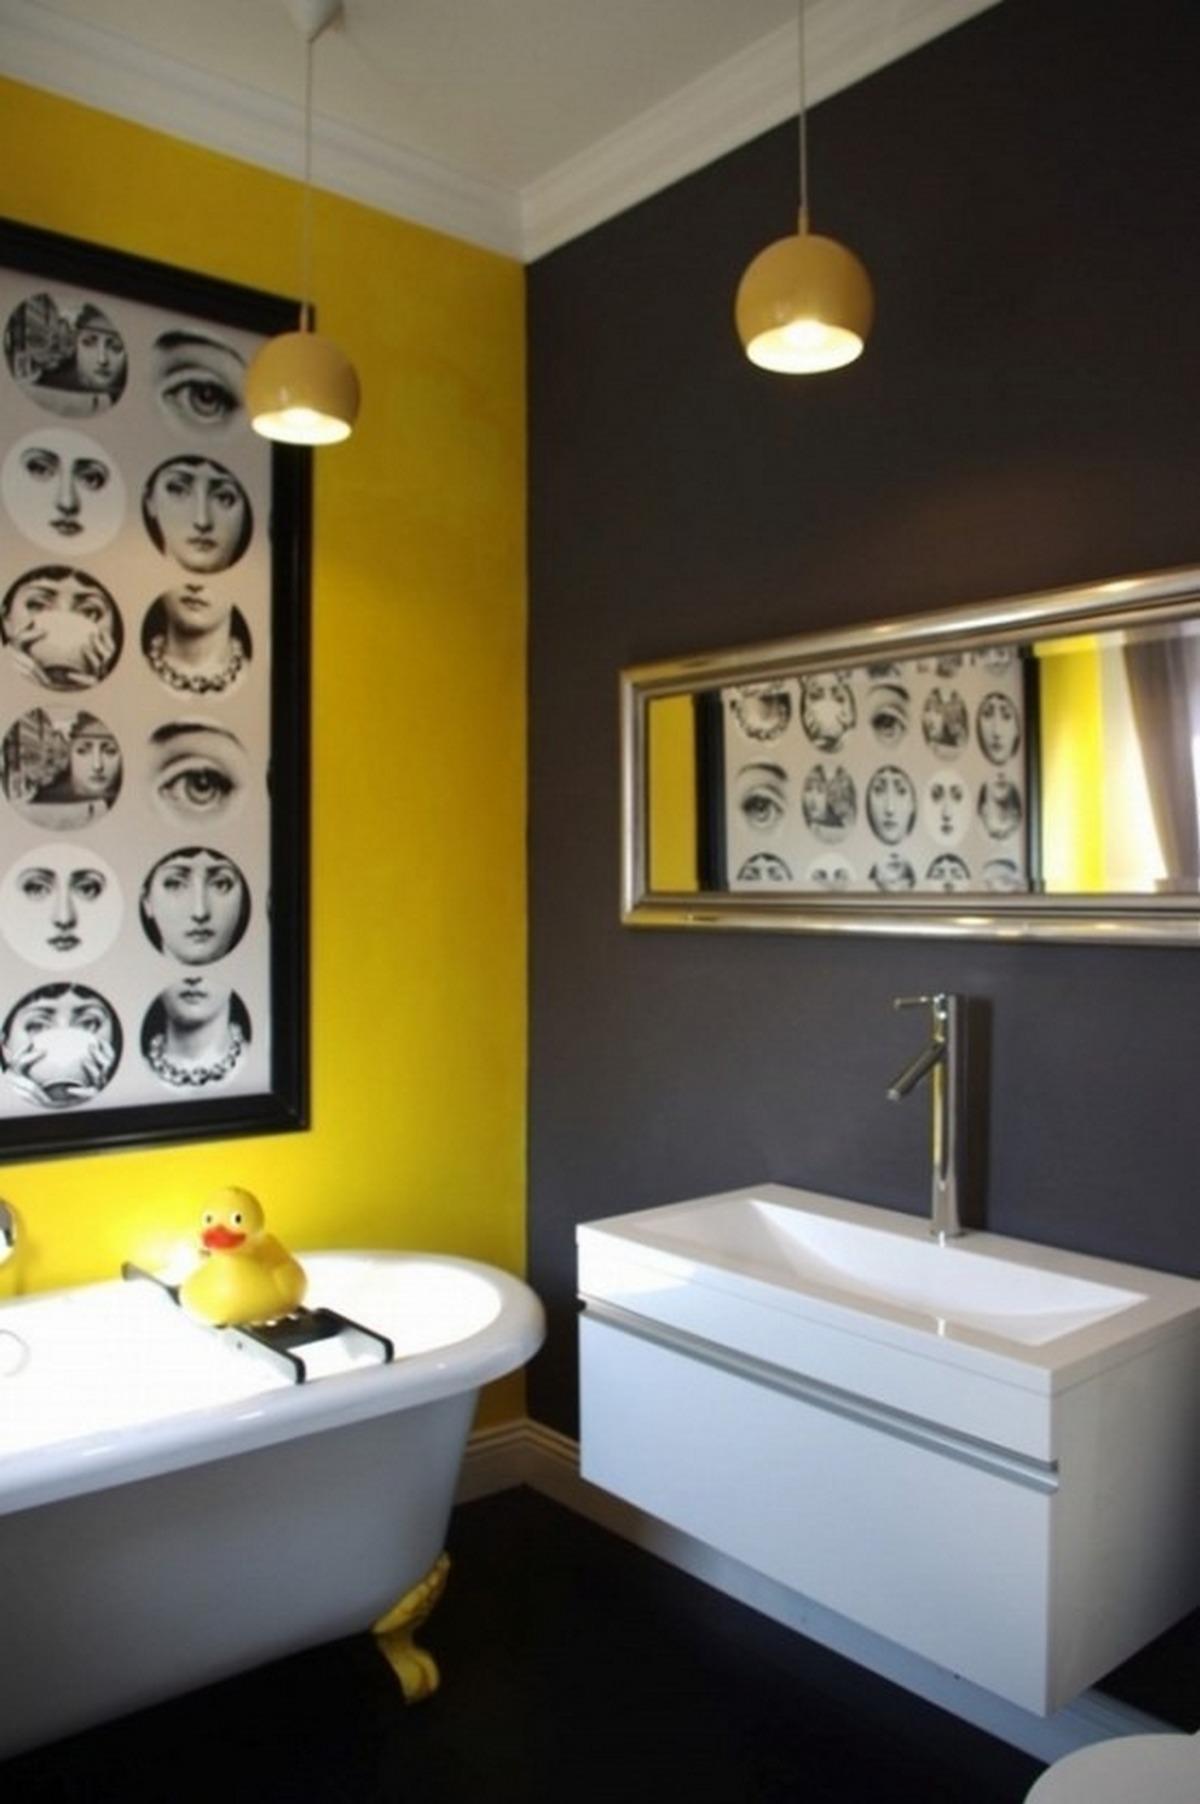 чёрный цвет в интерьере ванной комнаты жёлтый цвет